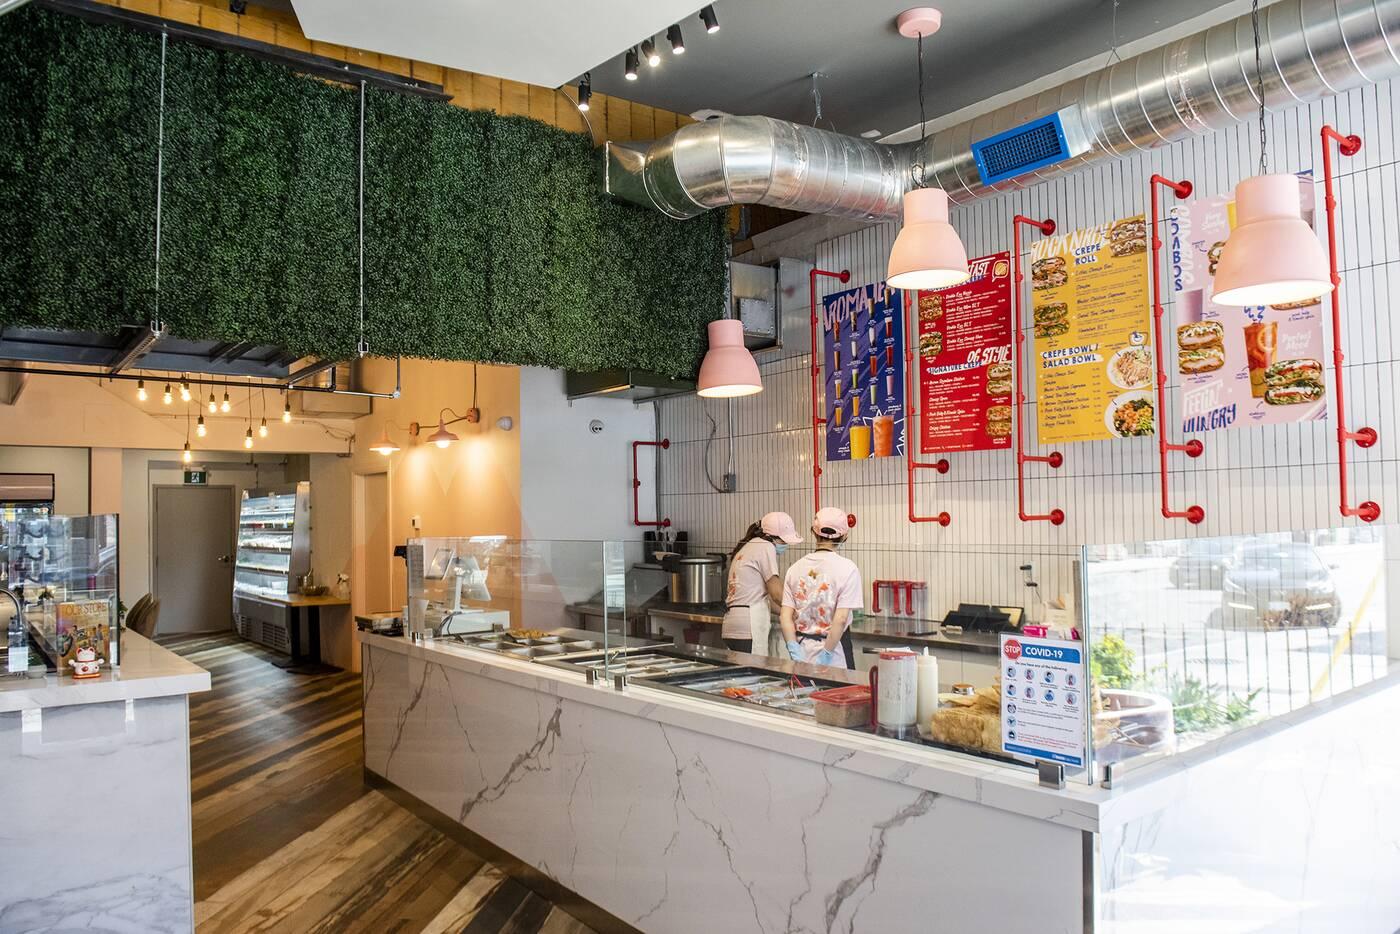 Aroma Food Hall Toronto